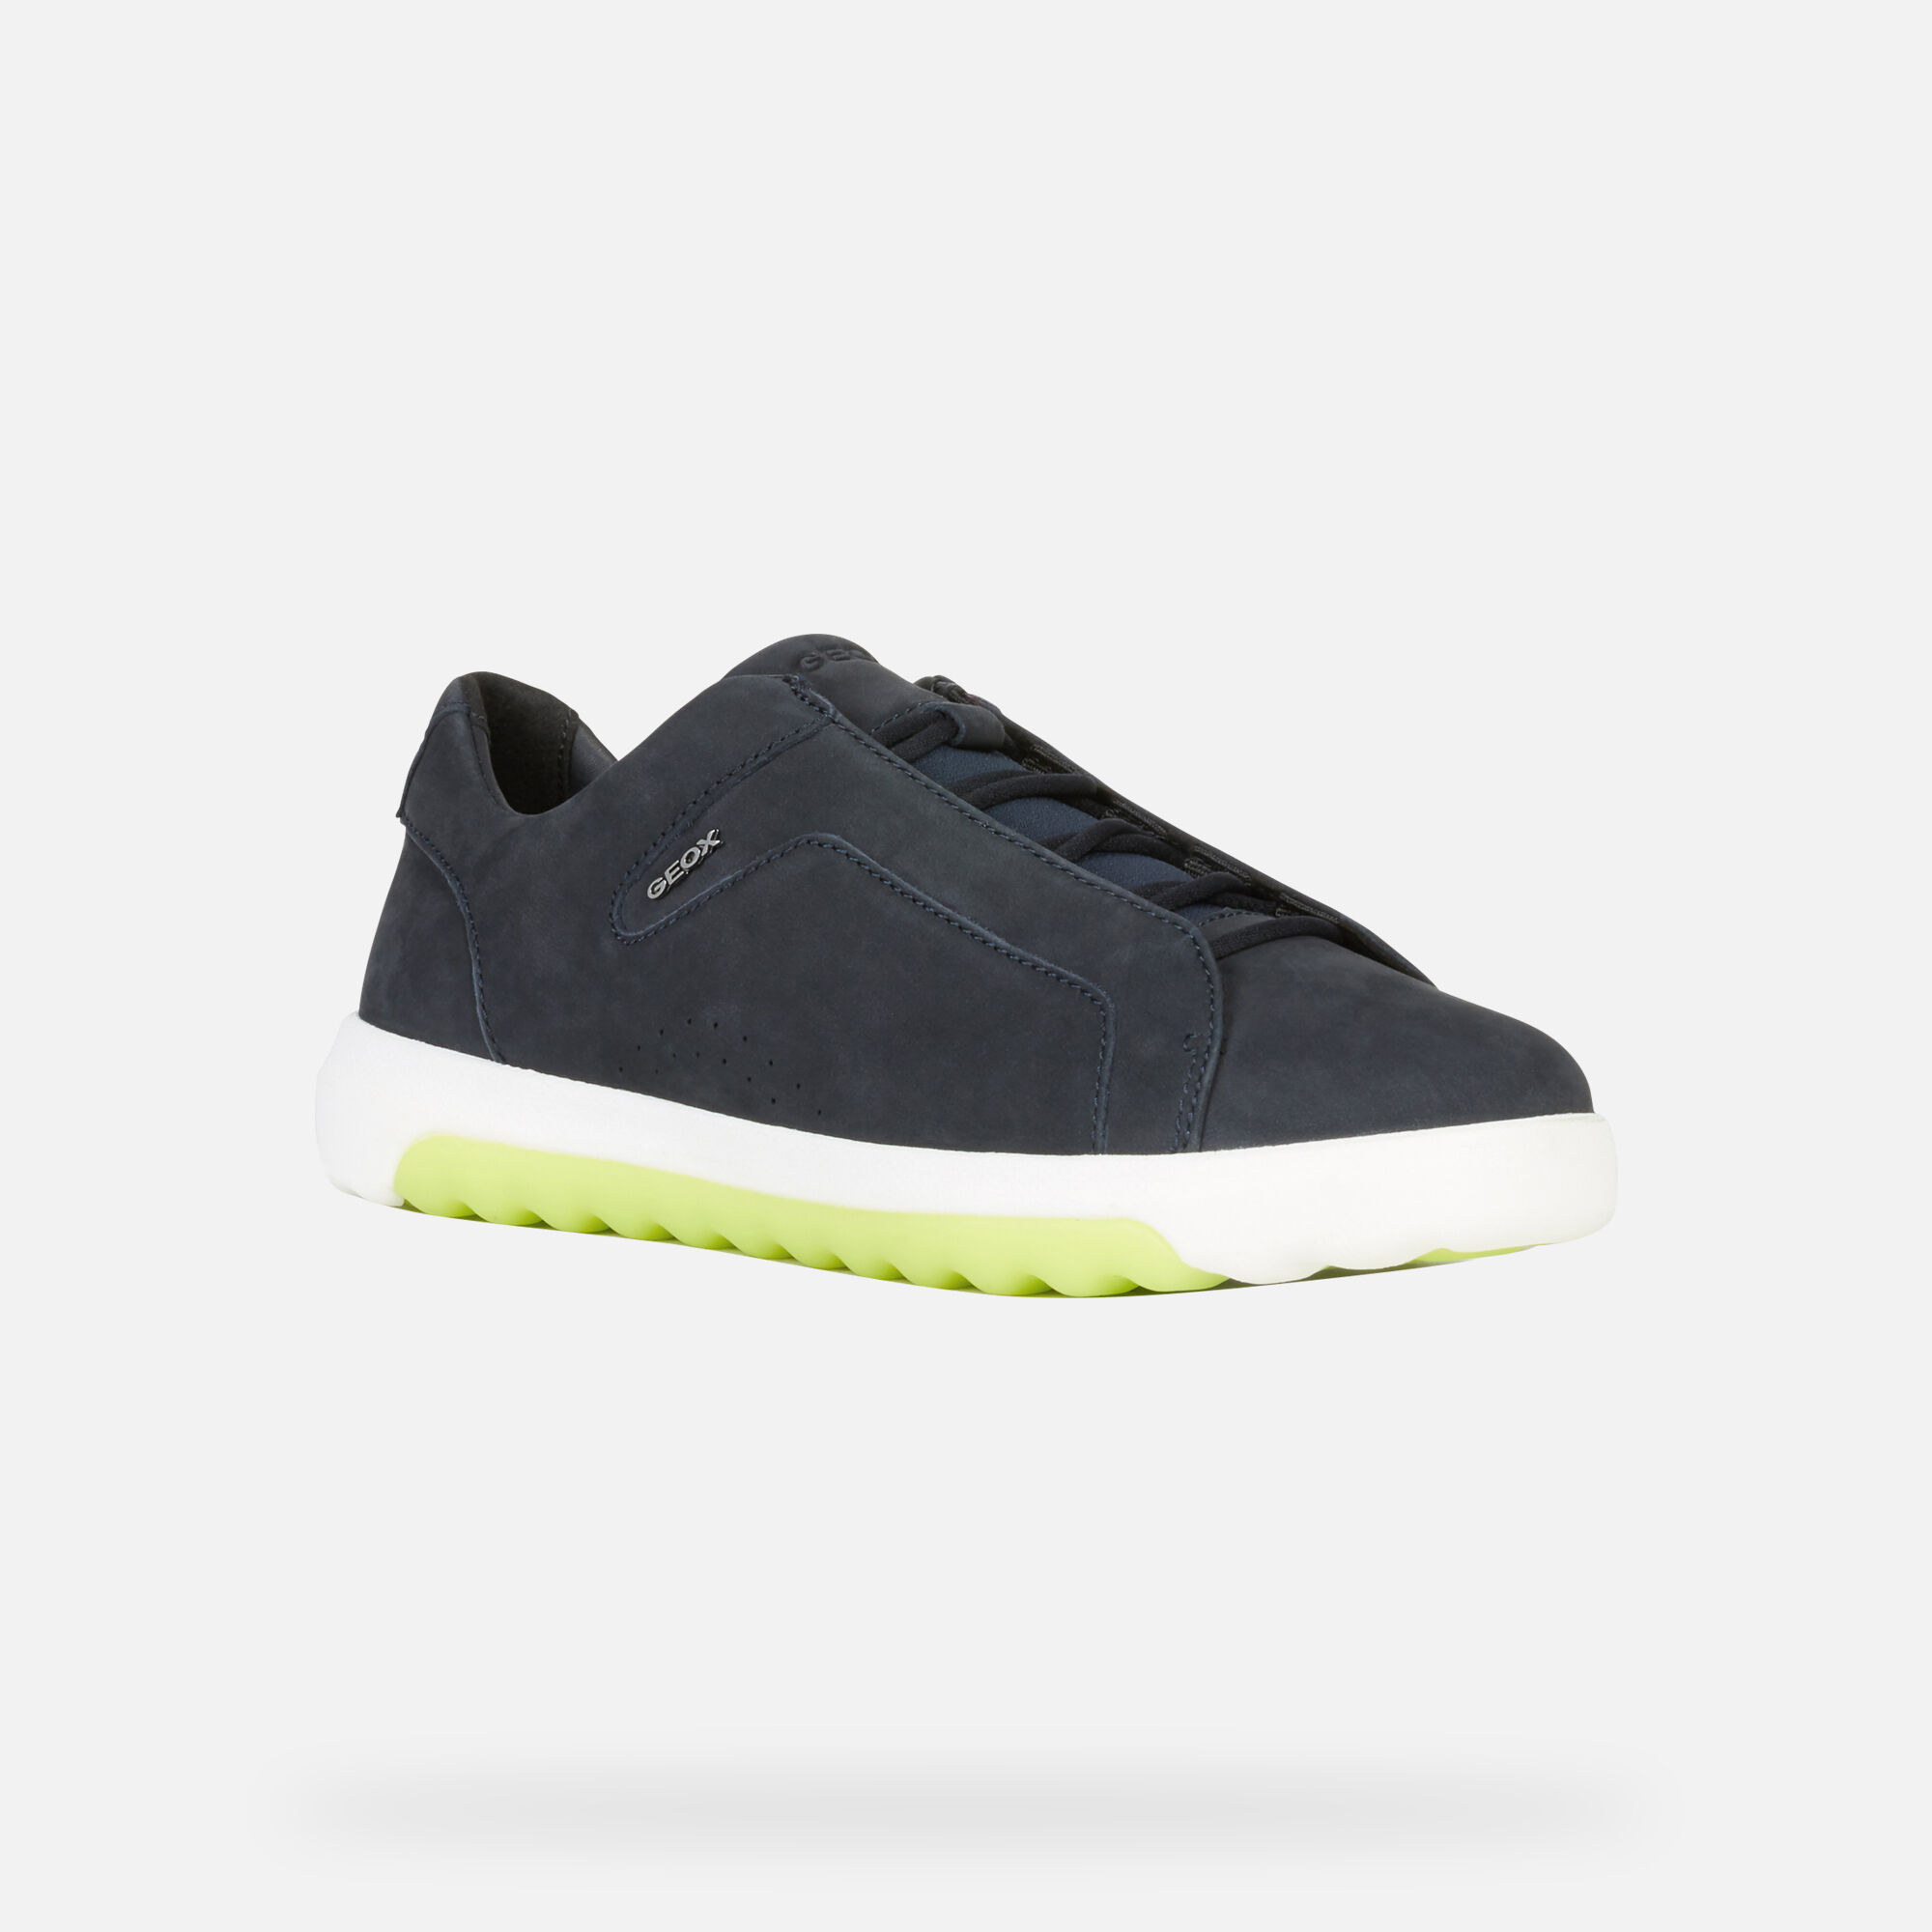 Geox Women's D NEXSIDE Blue Sneakers | Geox¨ Official Store